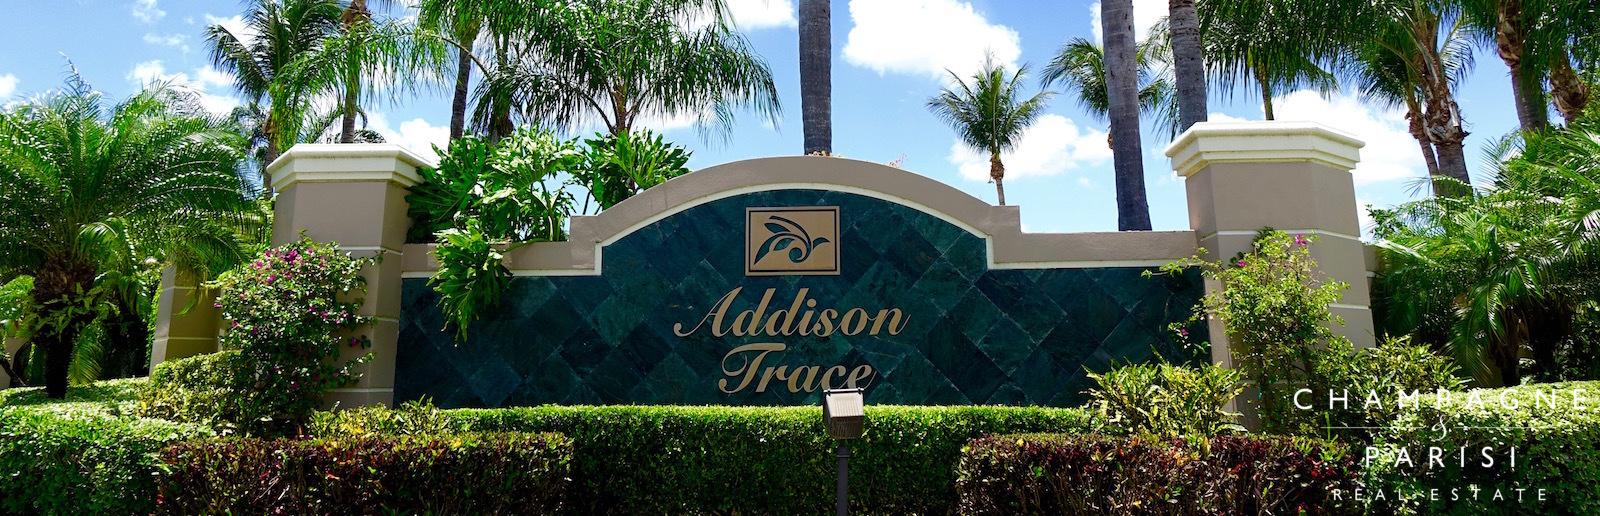 Addison Trace Delray Beach